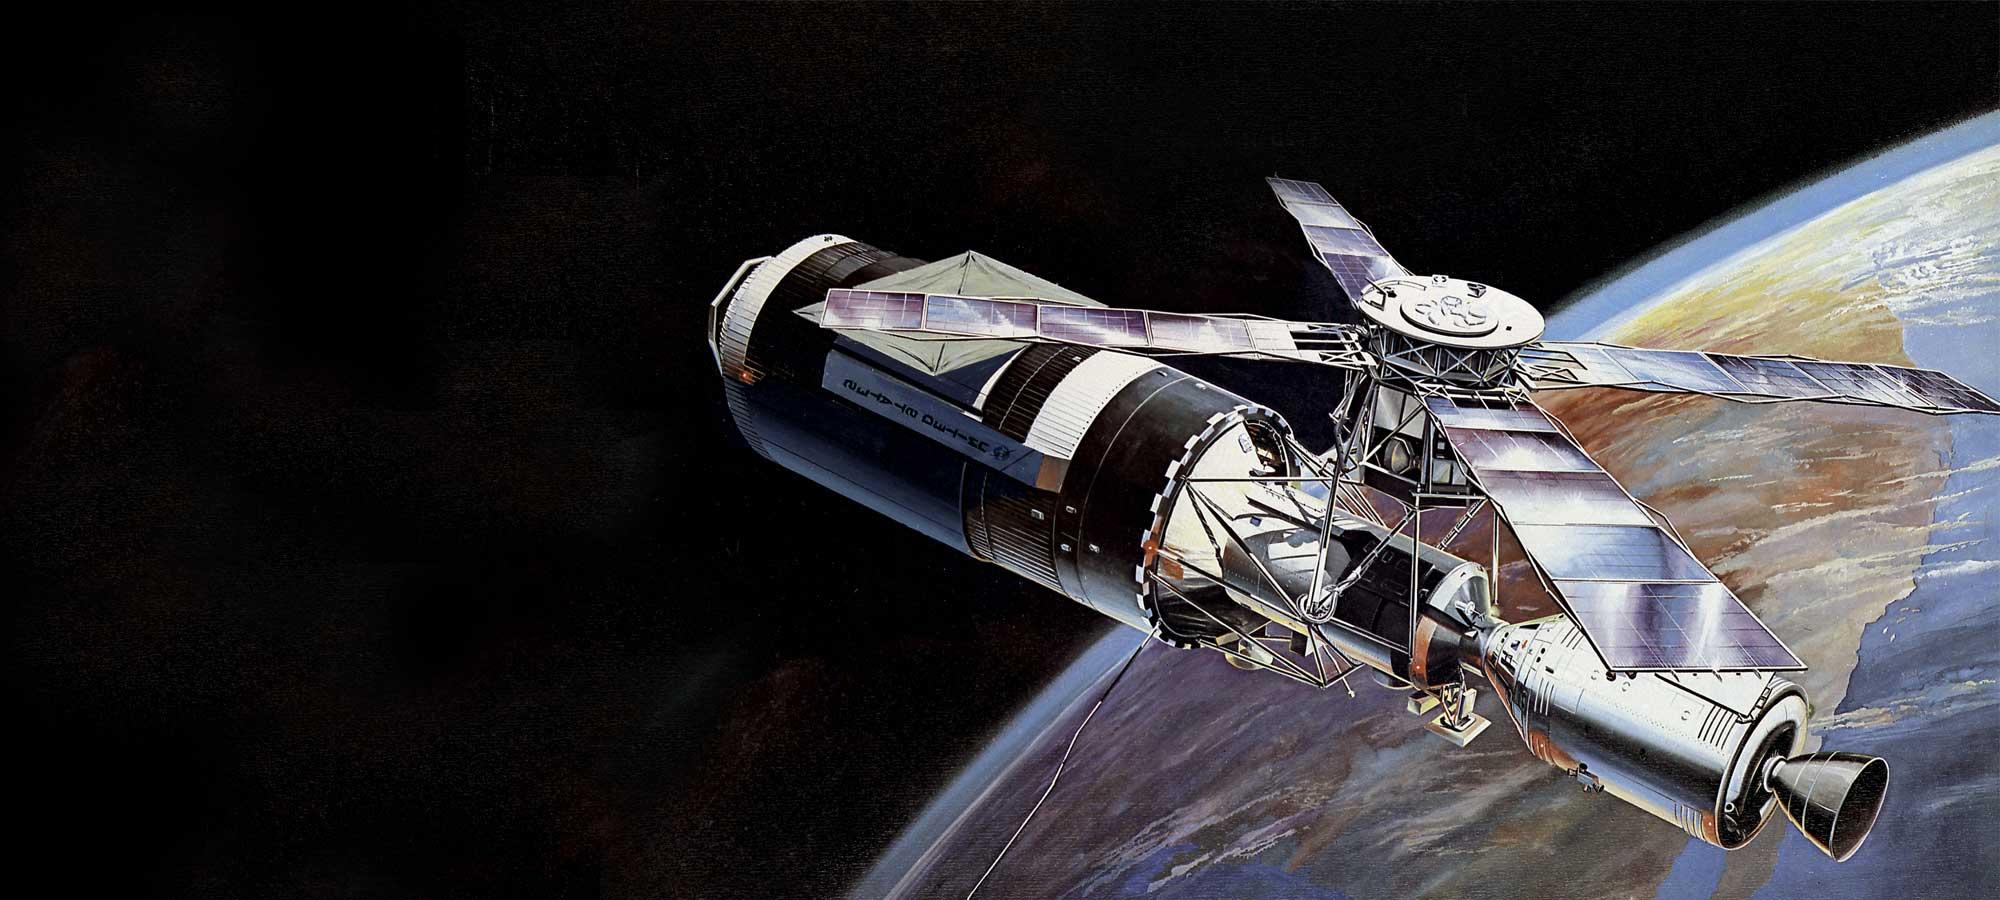 Esrange firar 50 och siktar på att skjuta upp satelliter.